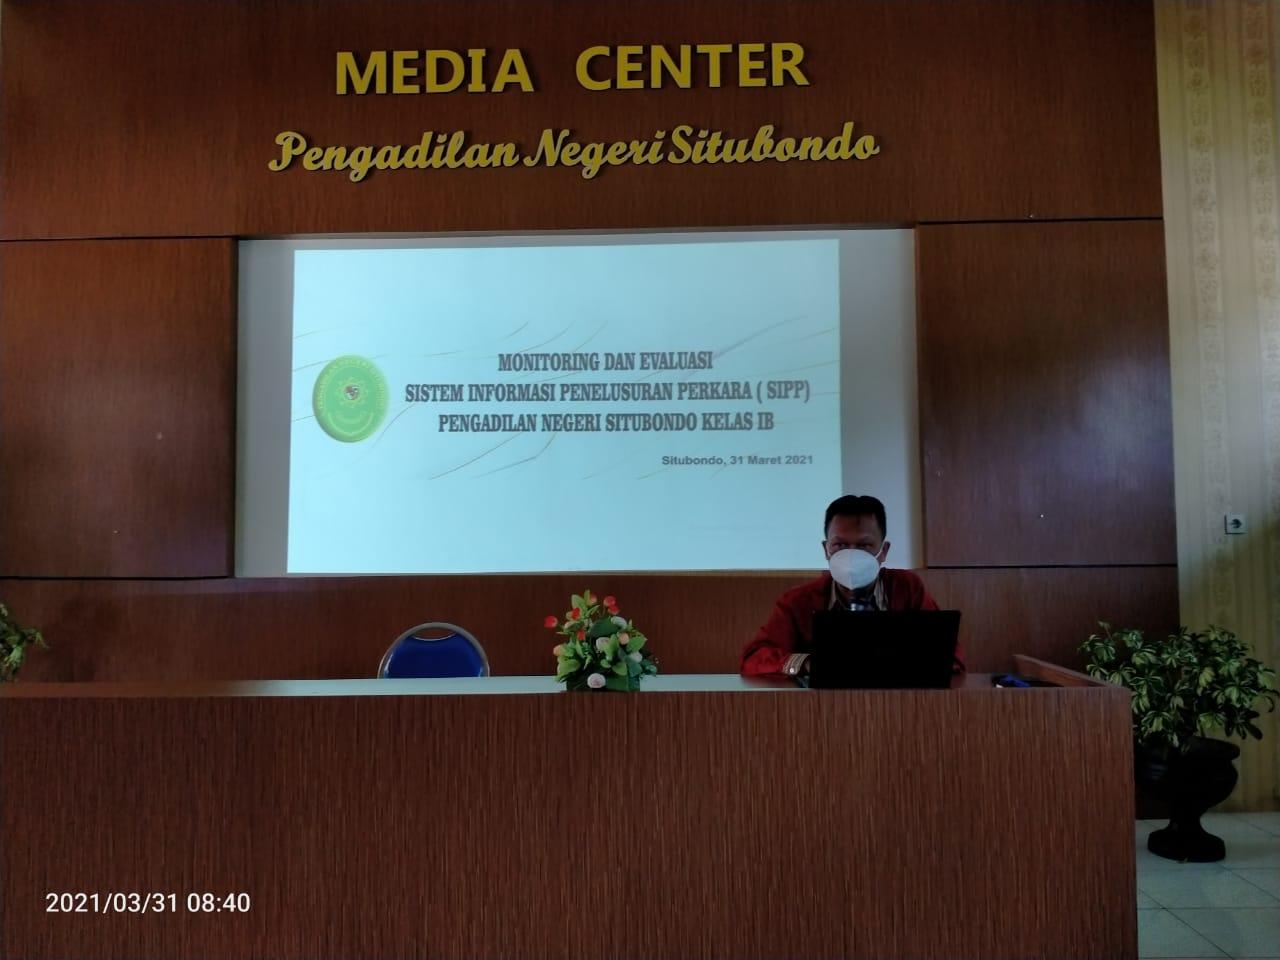 EVALUASI KINERJA SISTEM INFORMASI PENELUSURAN PERKARA ( SIPP ) di KANTOR PENGADILAN NEGERI SITUBONDO